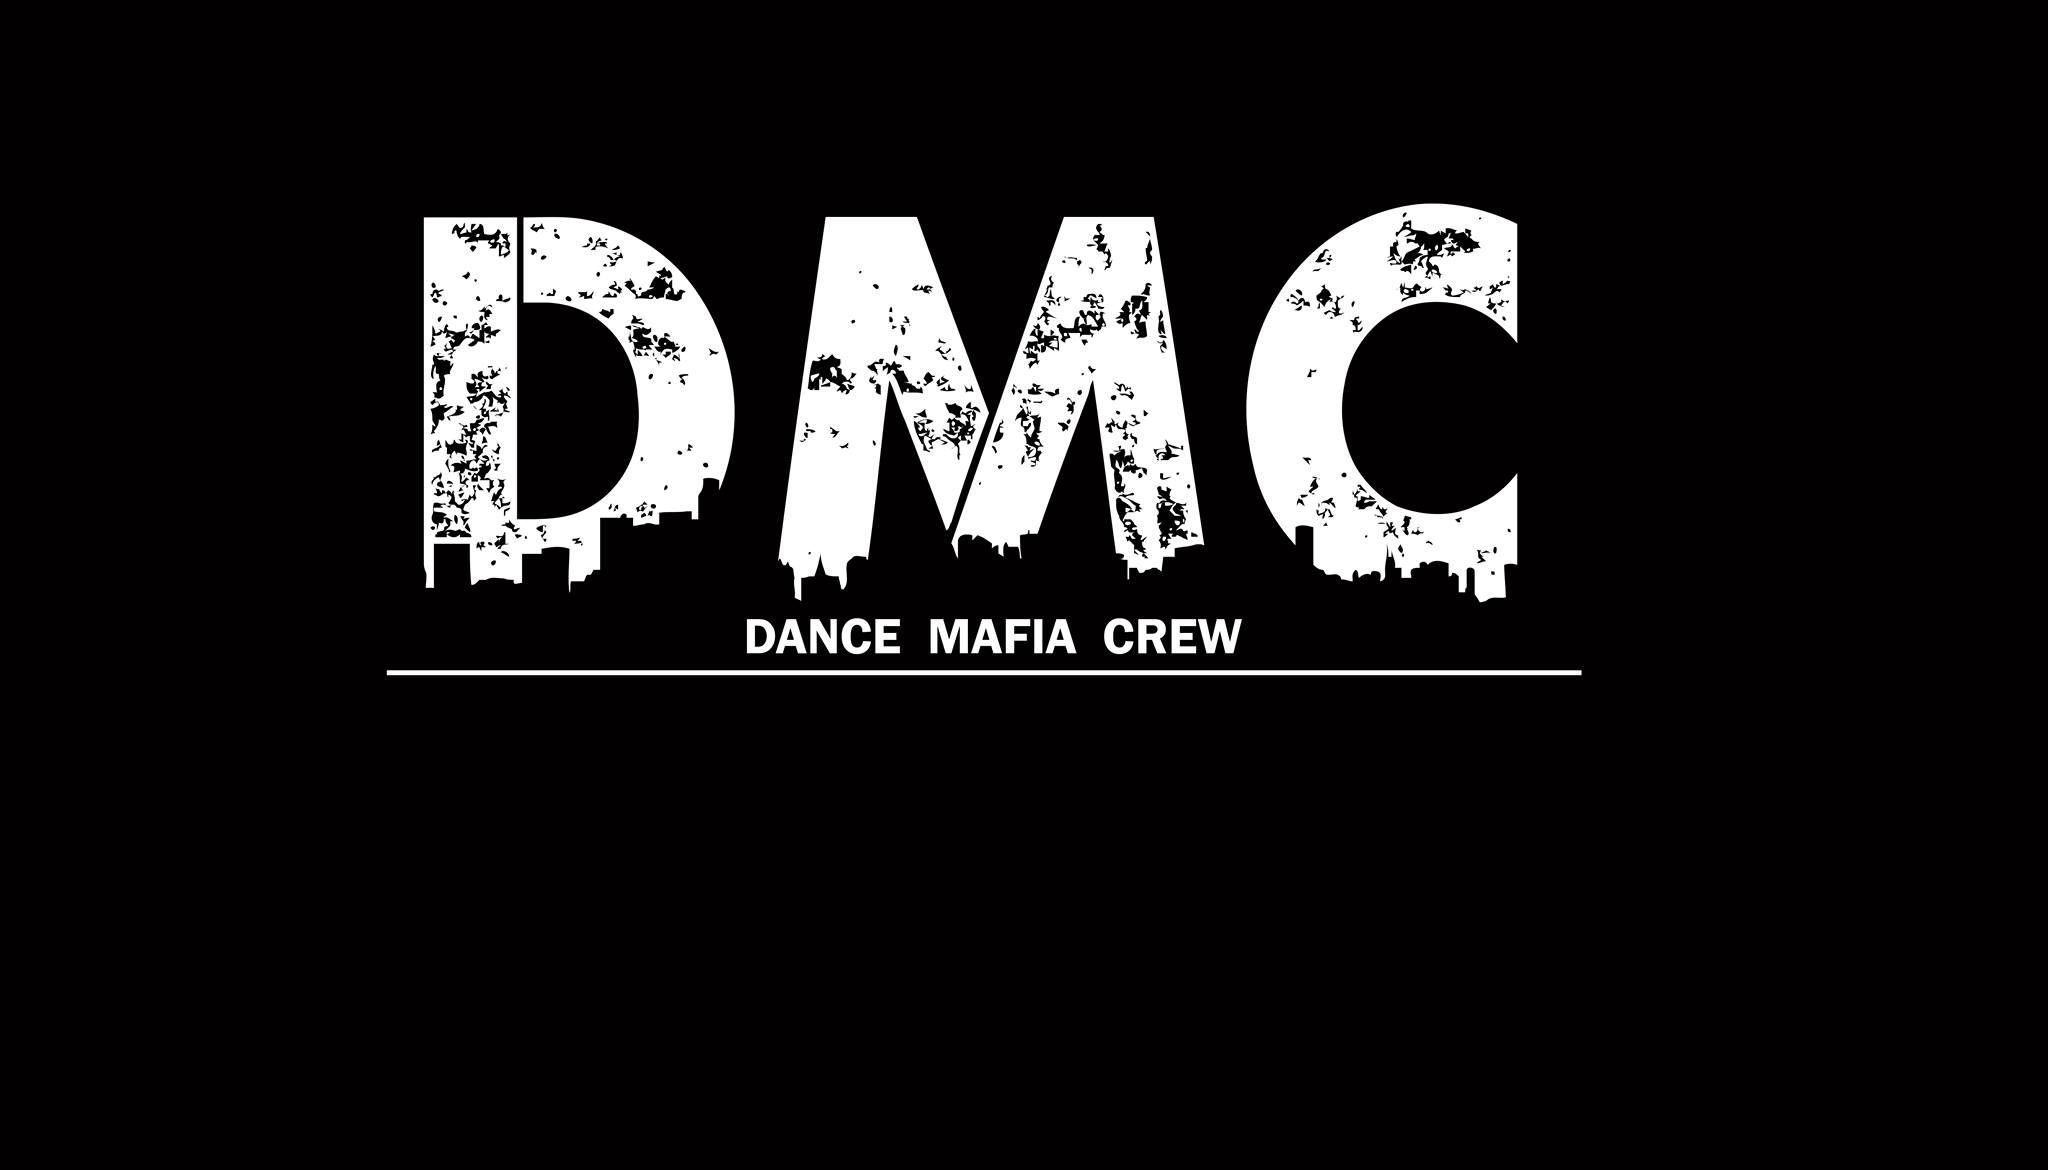 Dance-Mafia-Crew